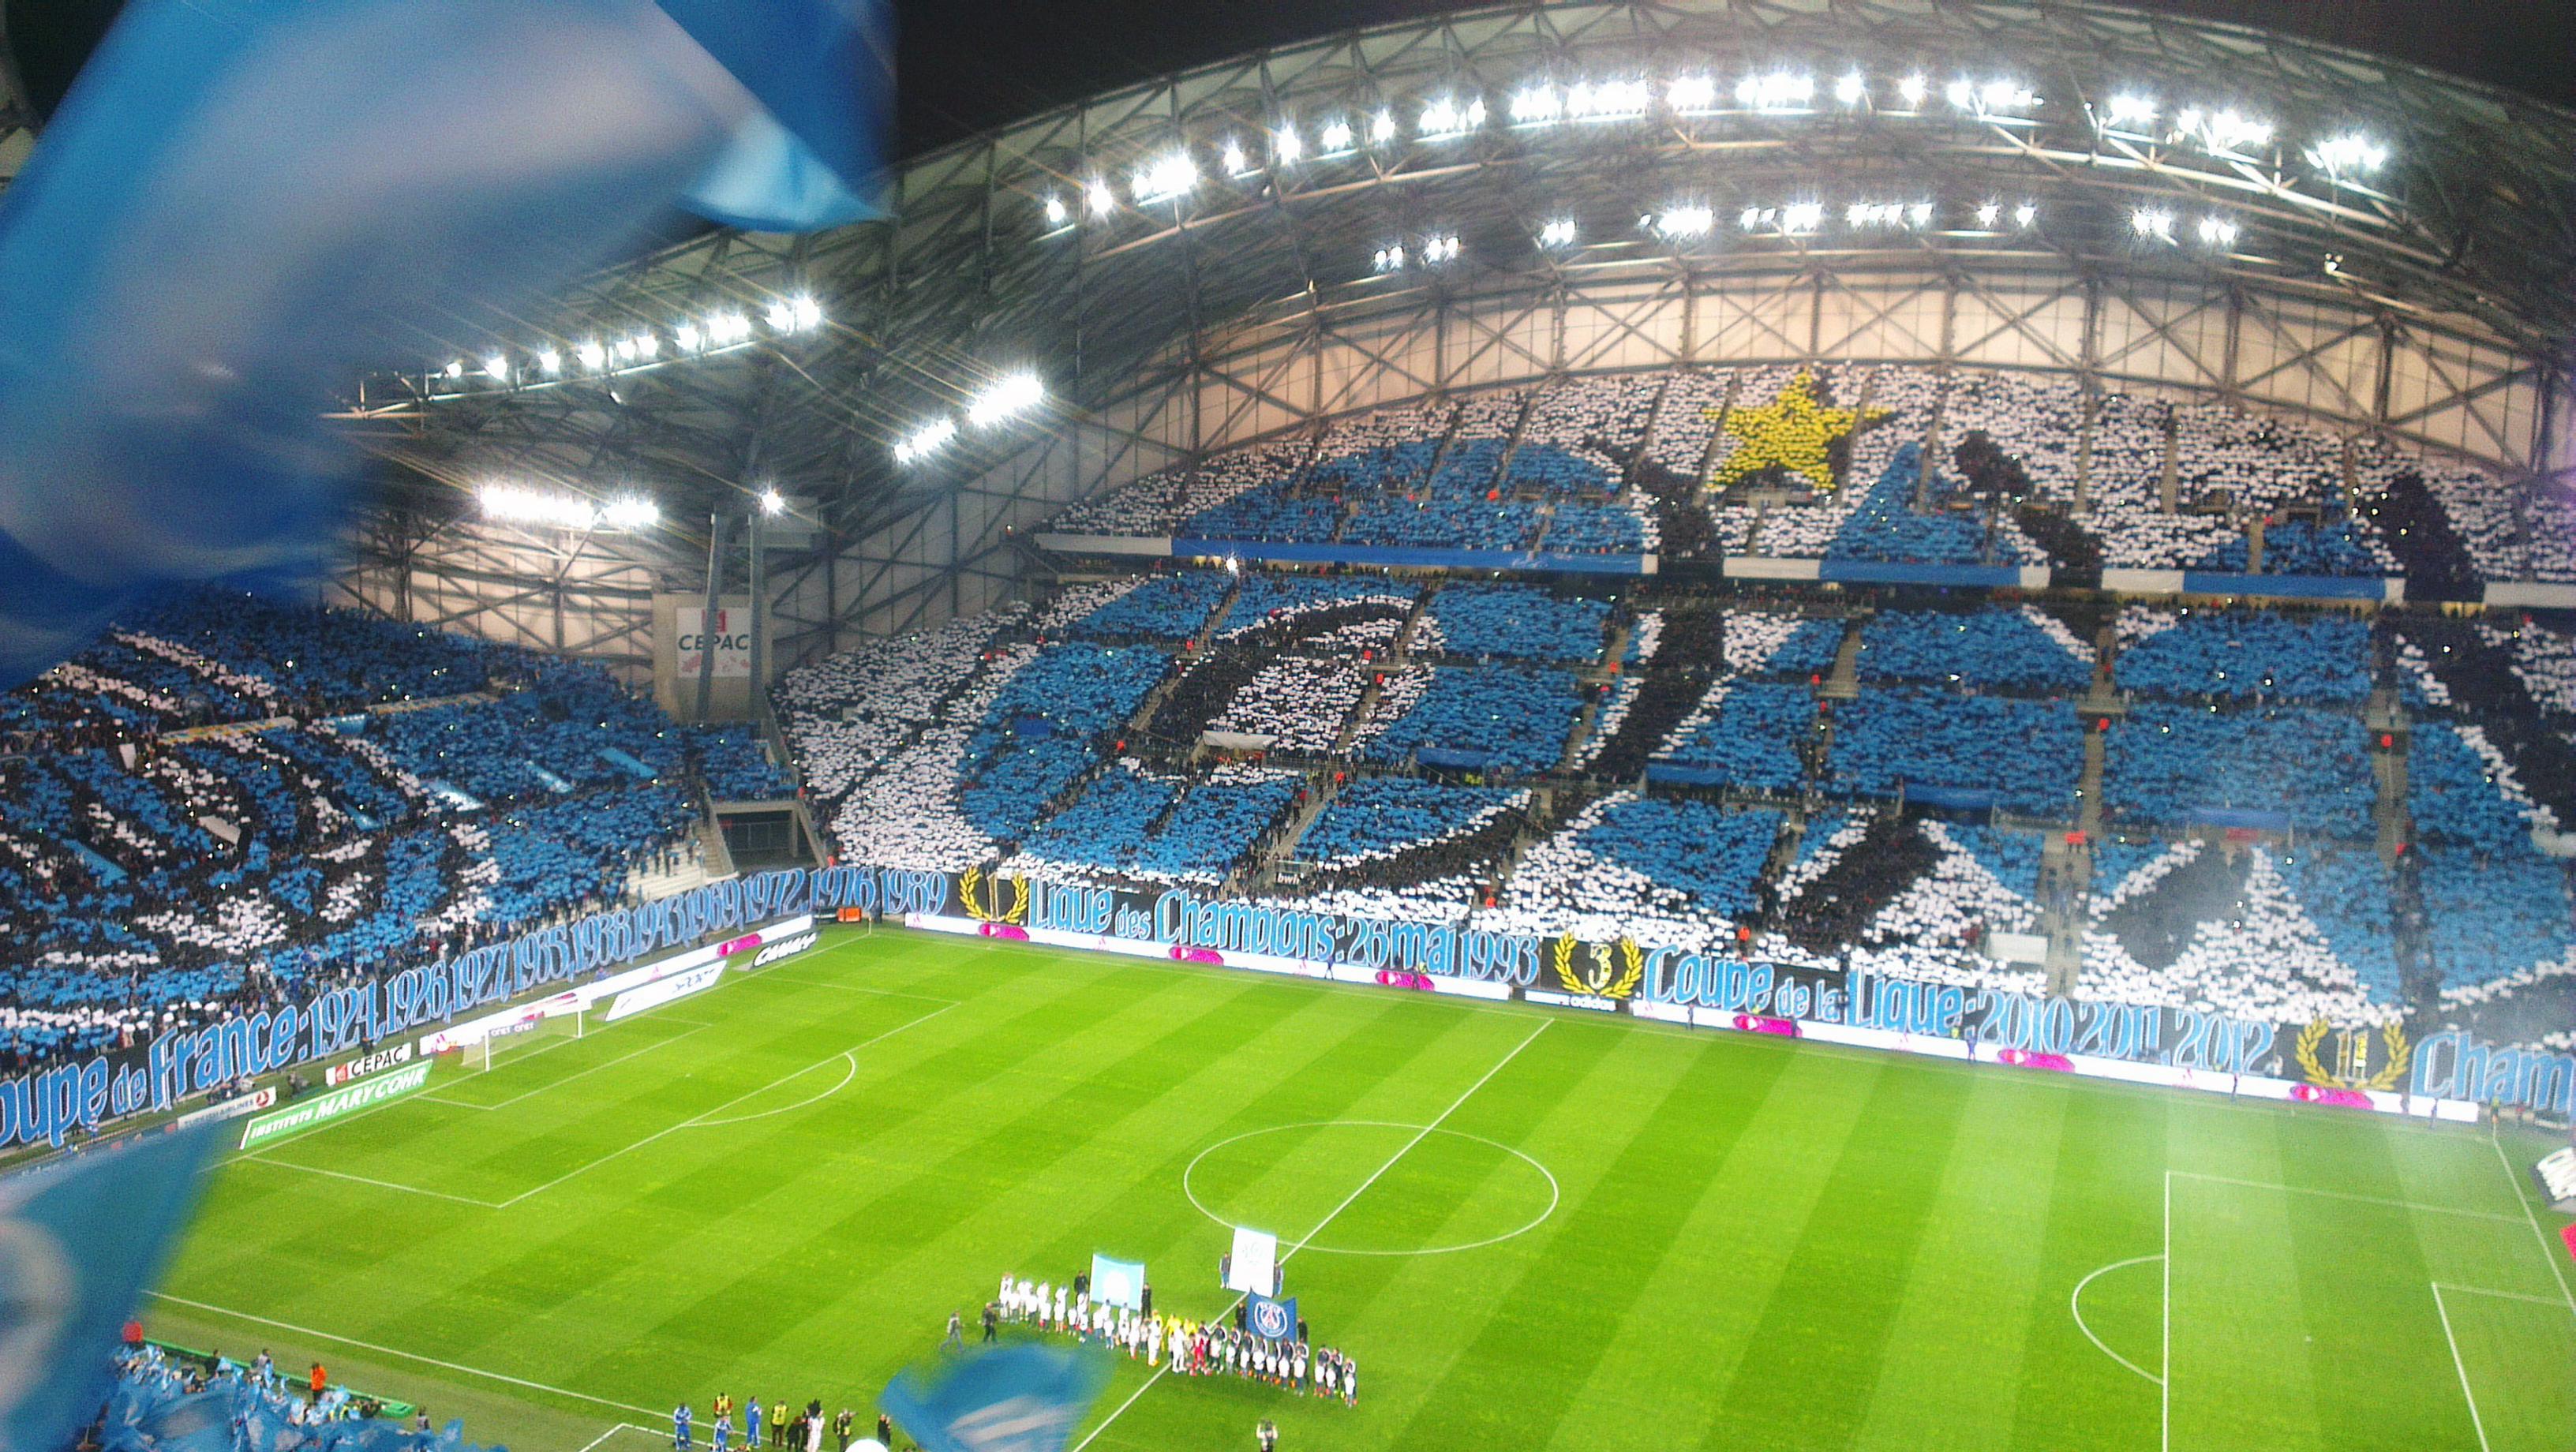 Ligue 1, quattro positivi al Covid-19: rinviata la partita inaugurale - Sportmediaset